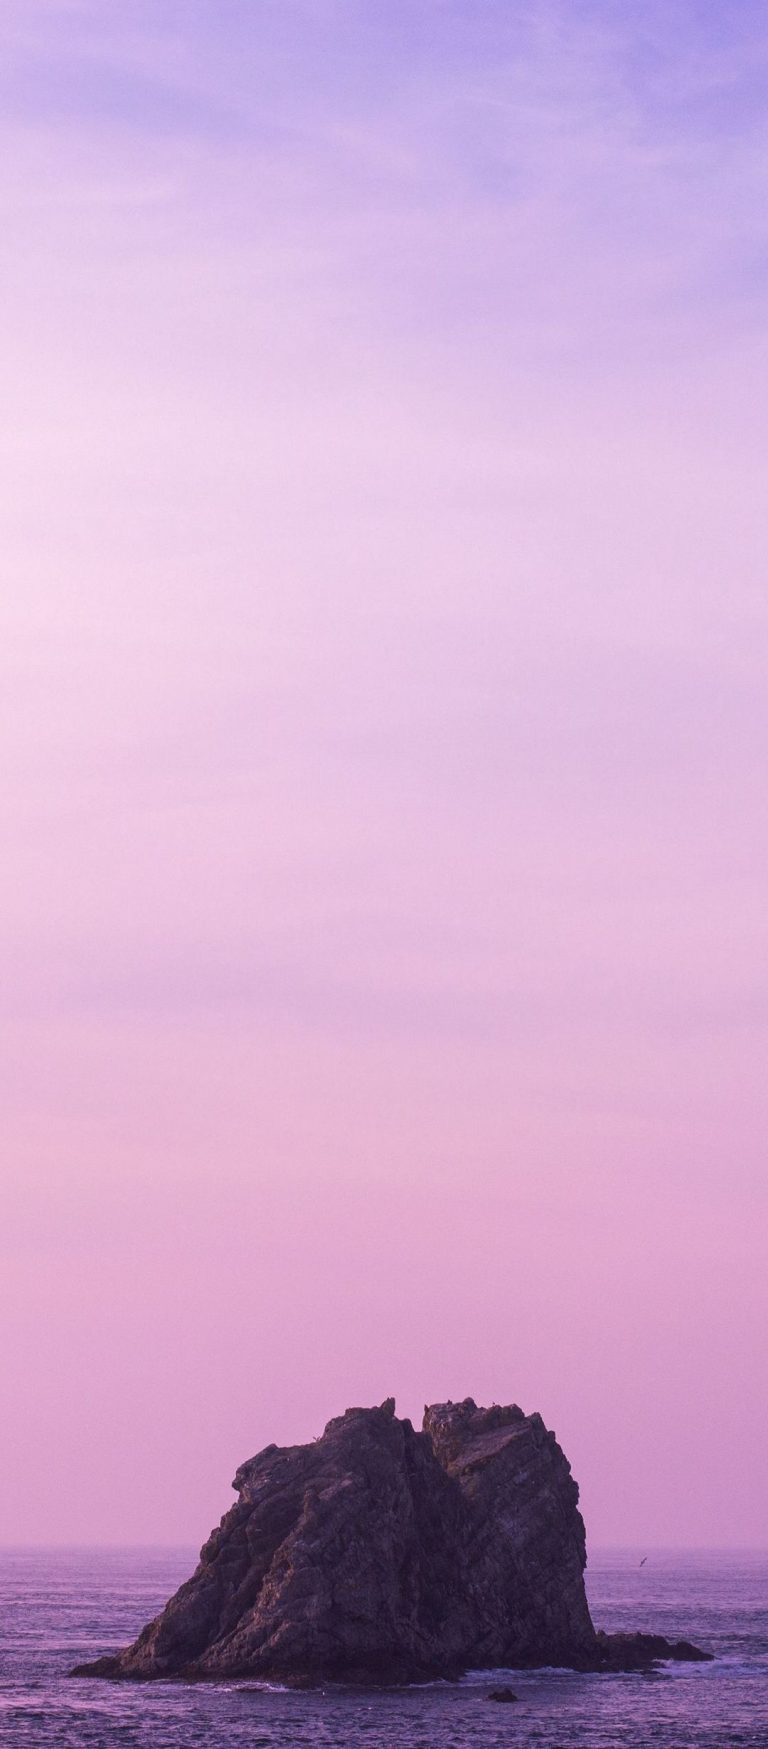 Sea Stone Sky Lilac 1080x2460 768x1749